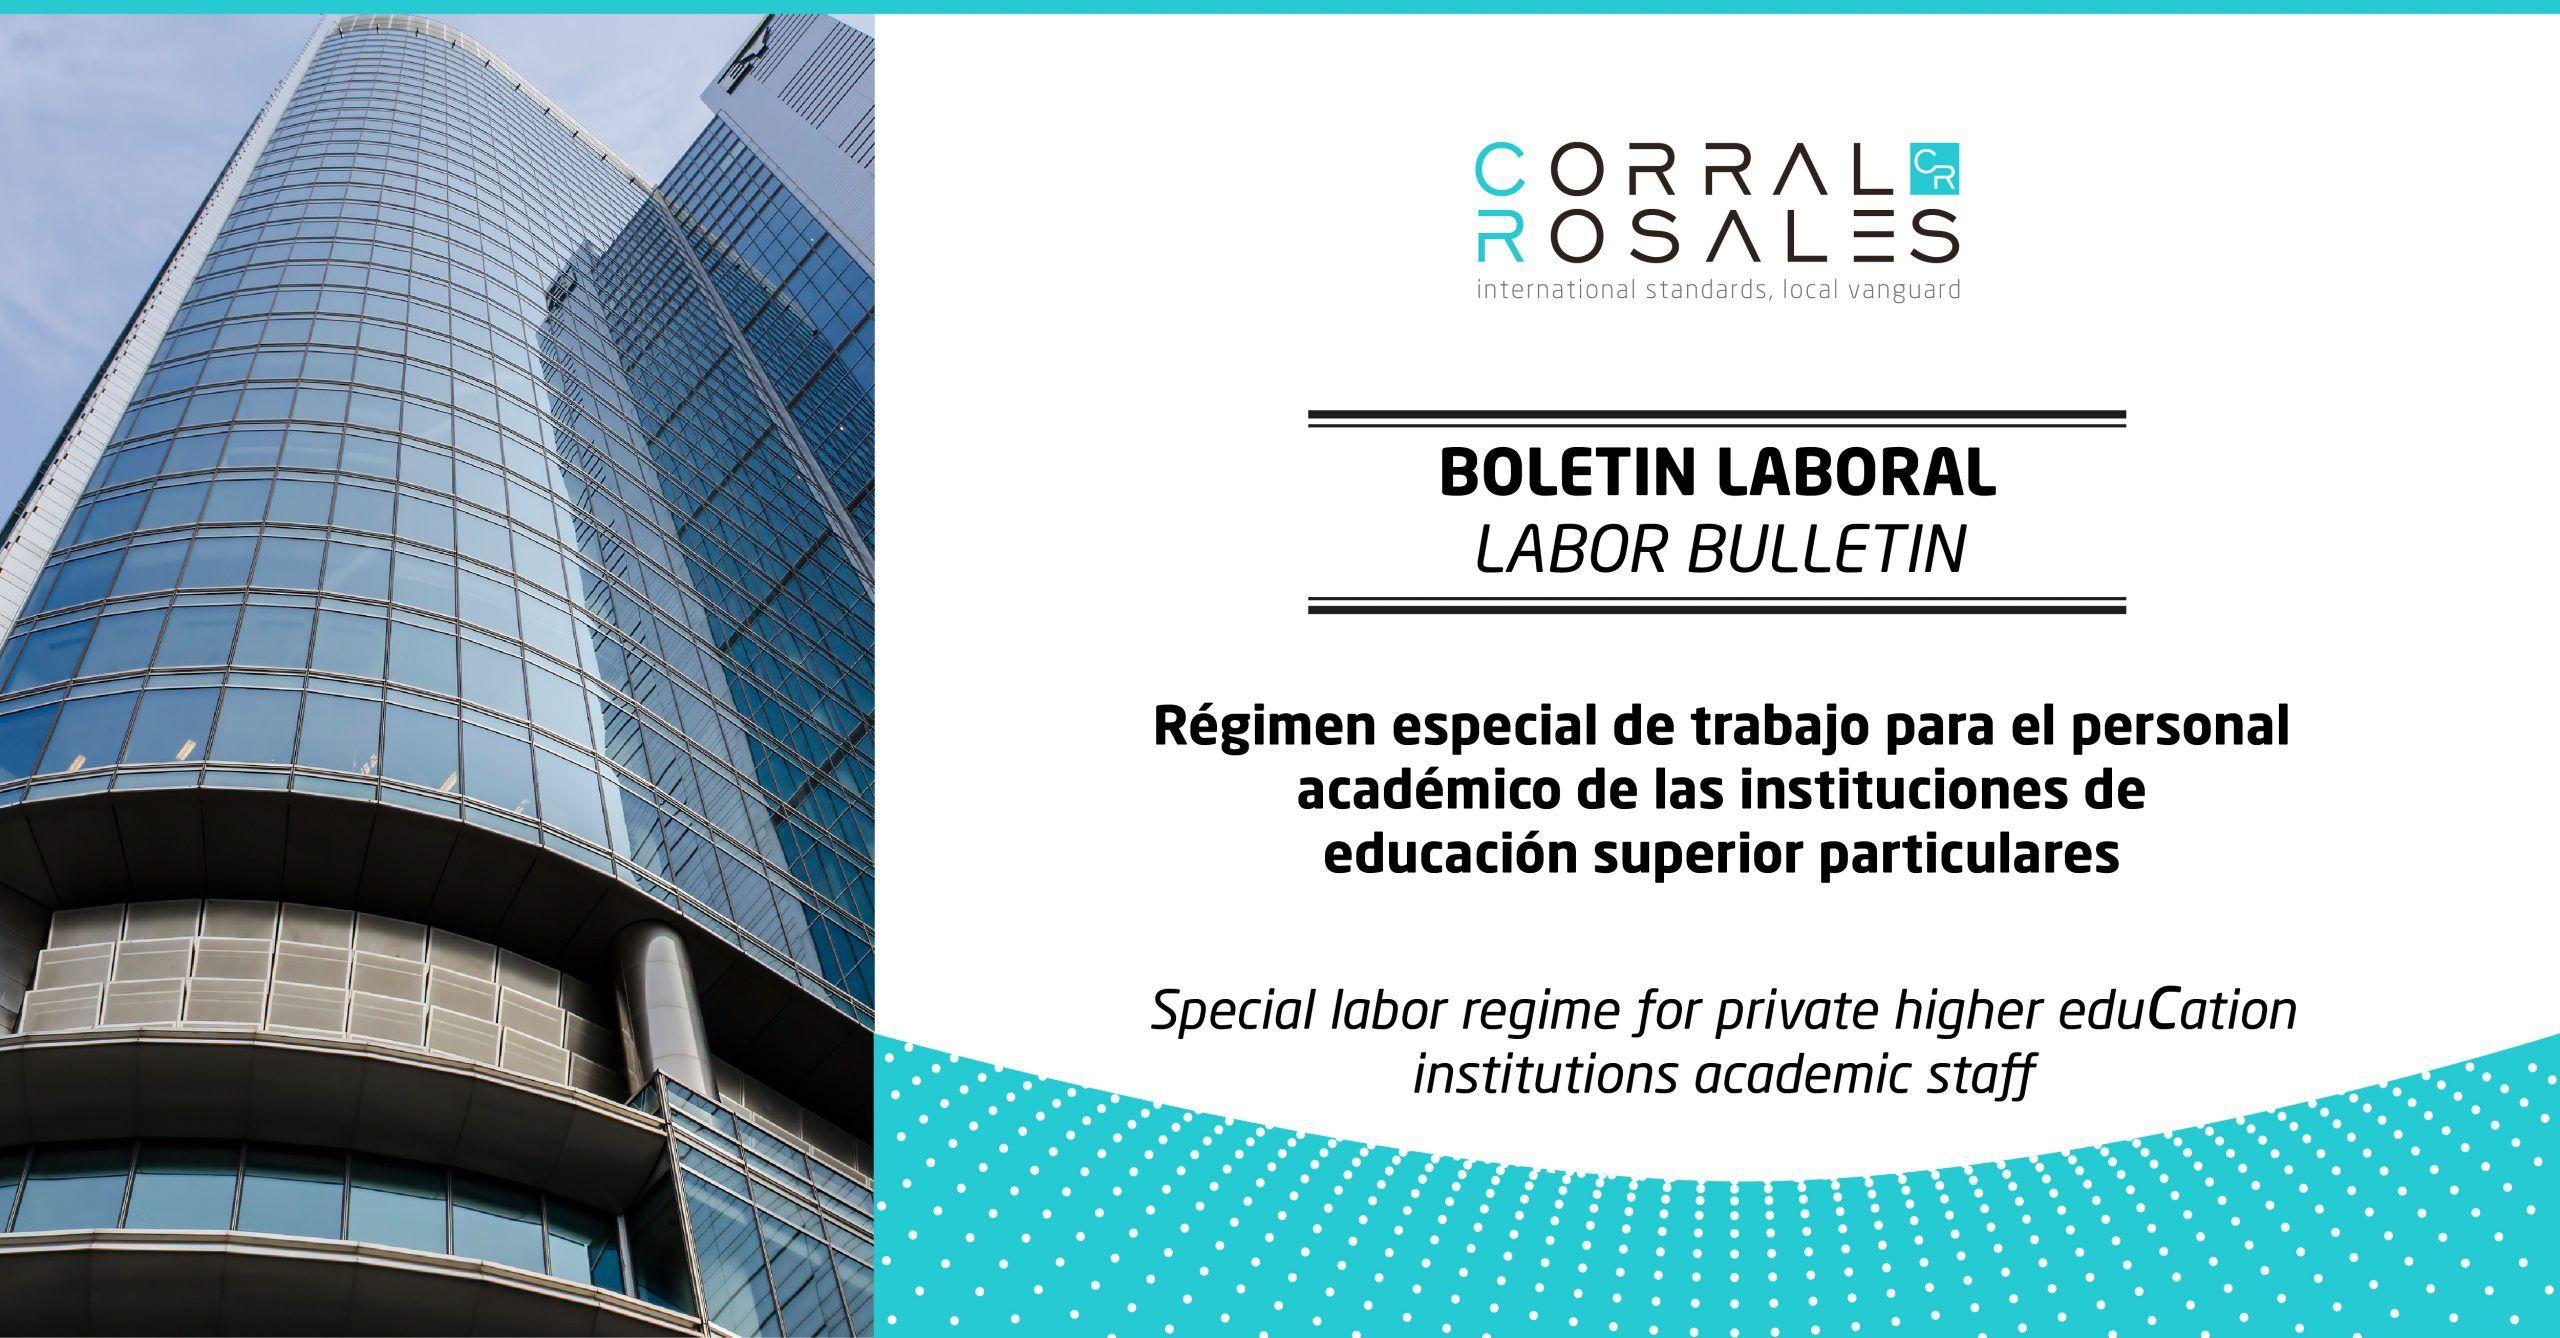 regimen-especial-de-trabajo-personal-academico-instituciones-educacion-superior-particulares-abogados-ecuador-corralrosales